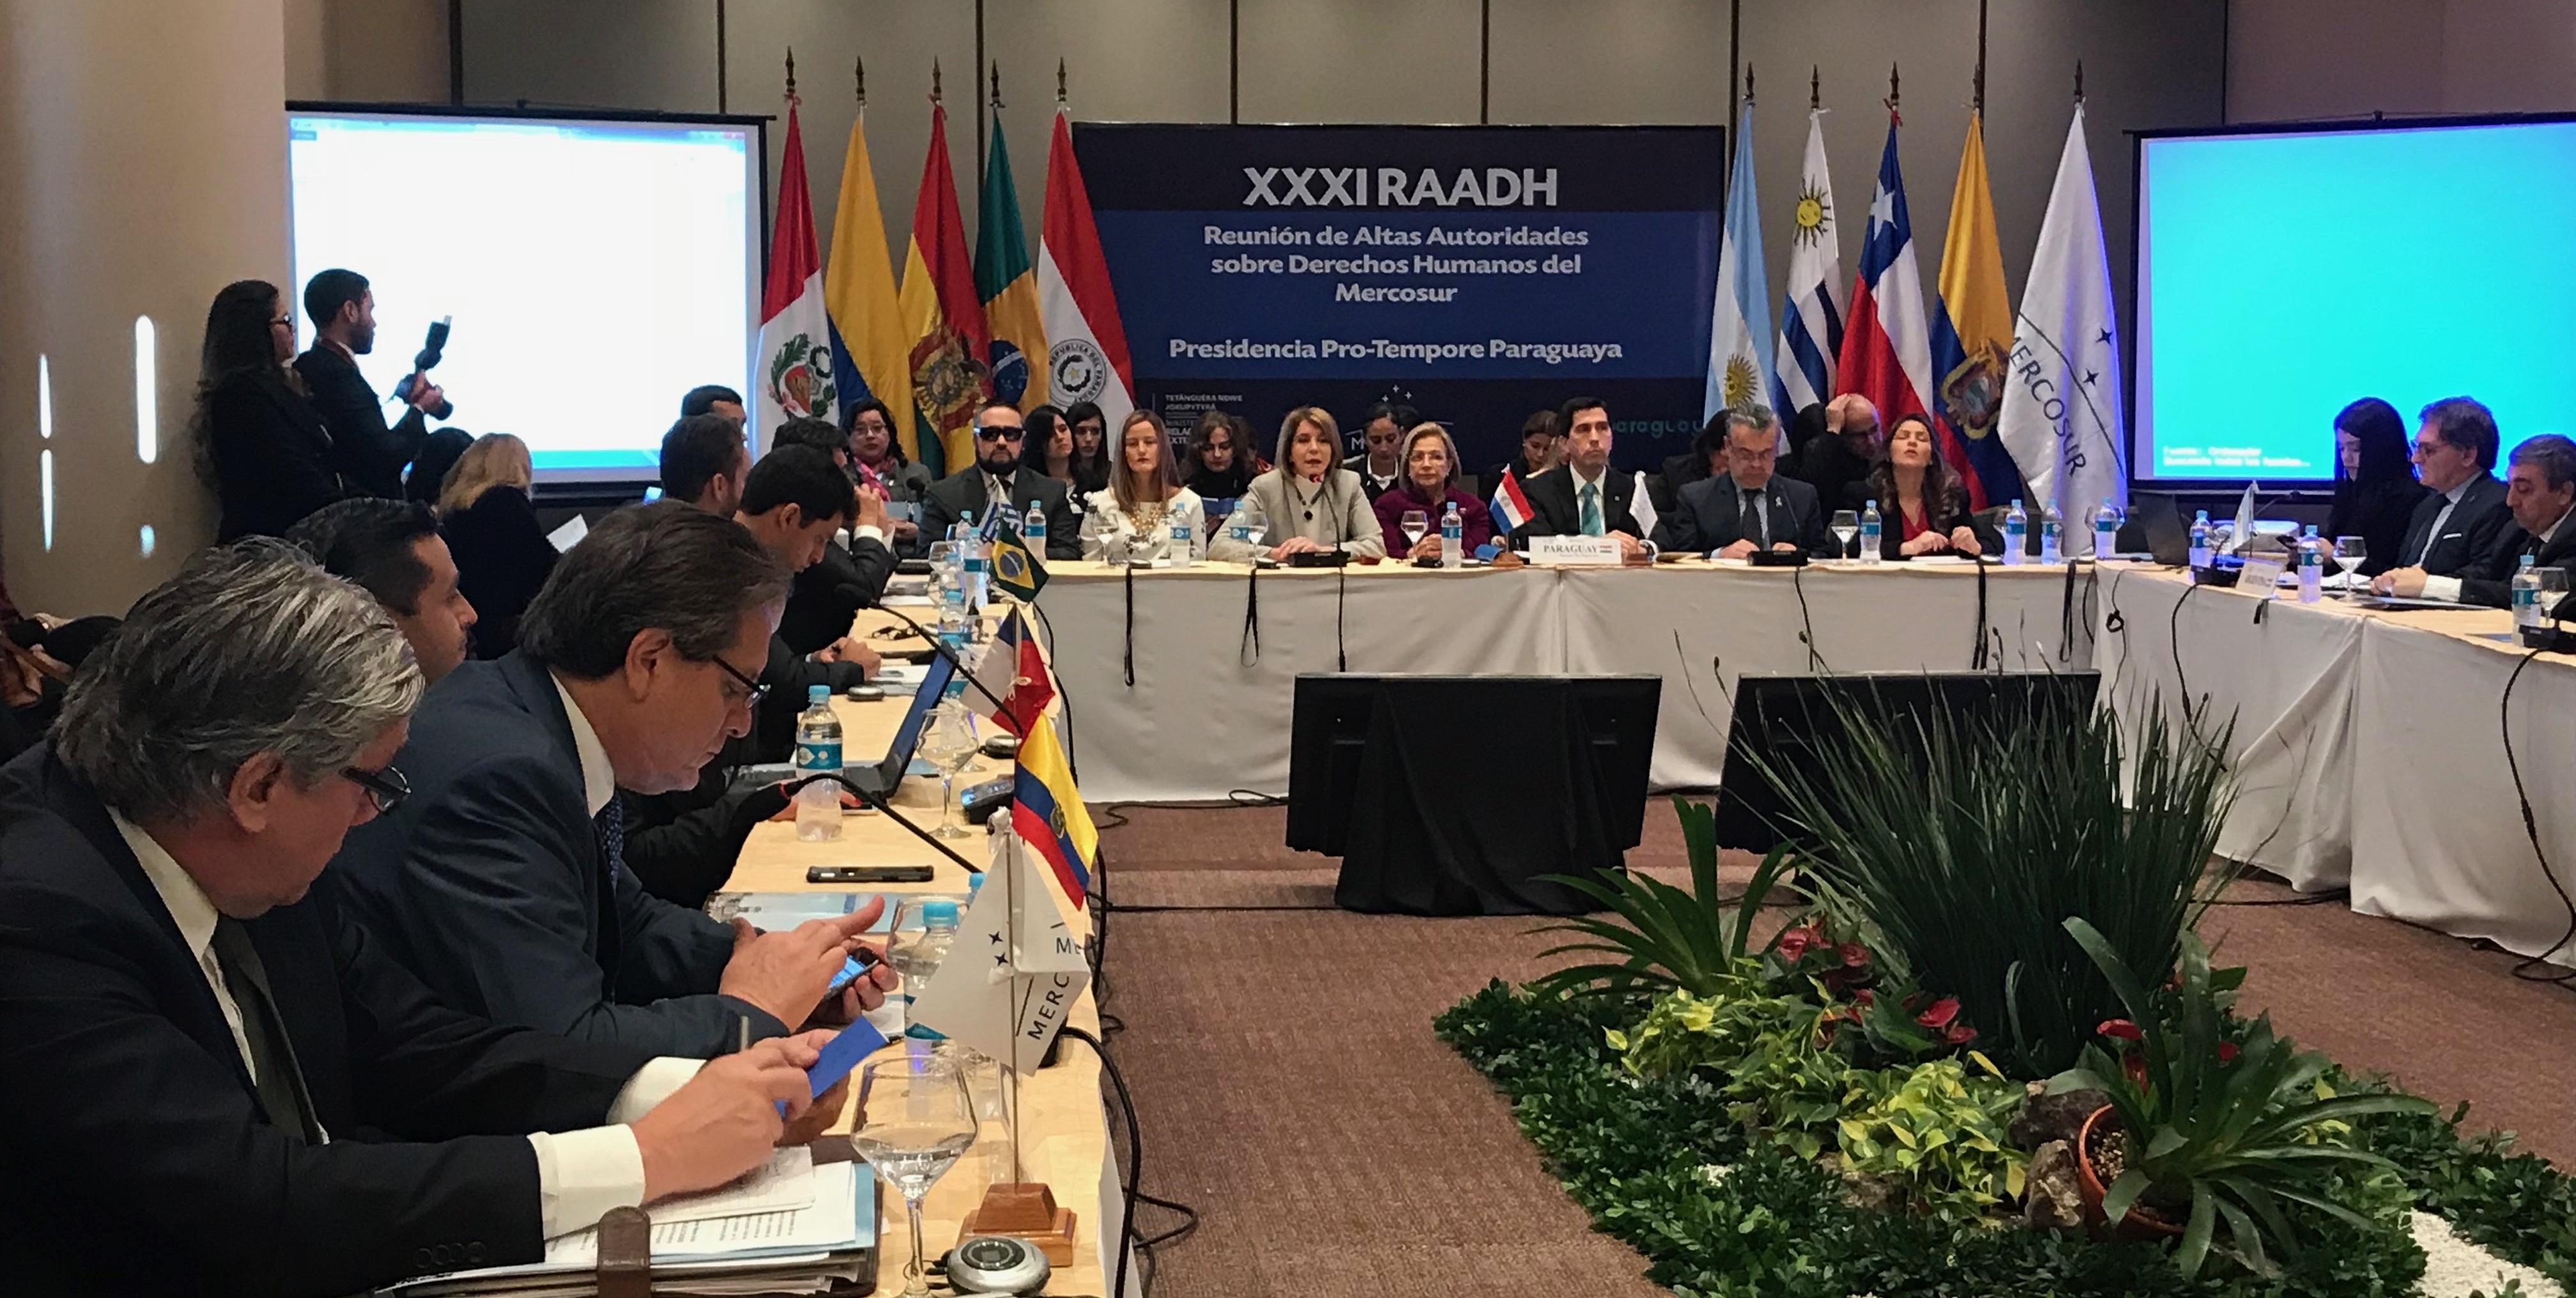 Vicepresidenta de Paraguay cierra plenario de la 31° RAADH en Asunción